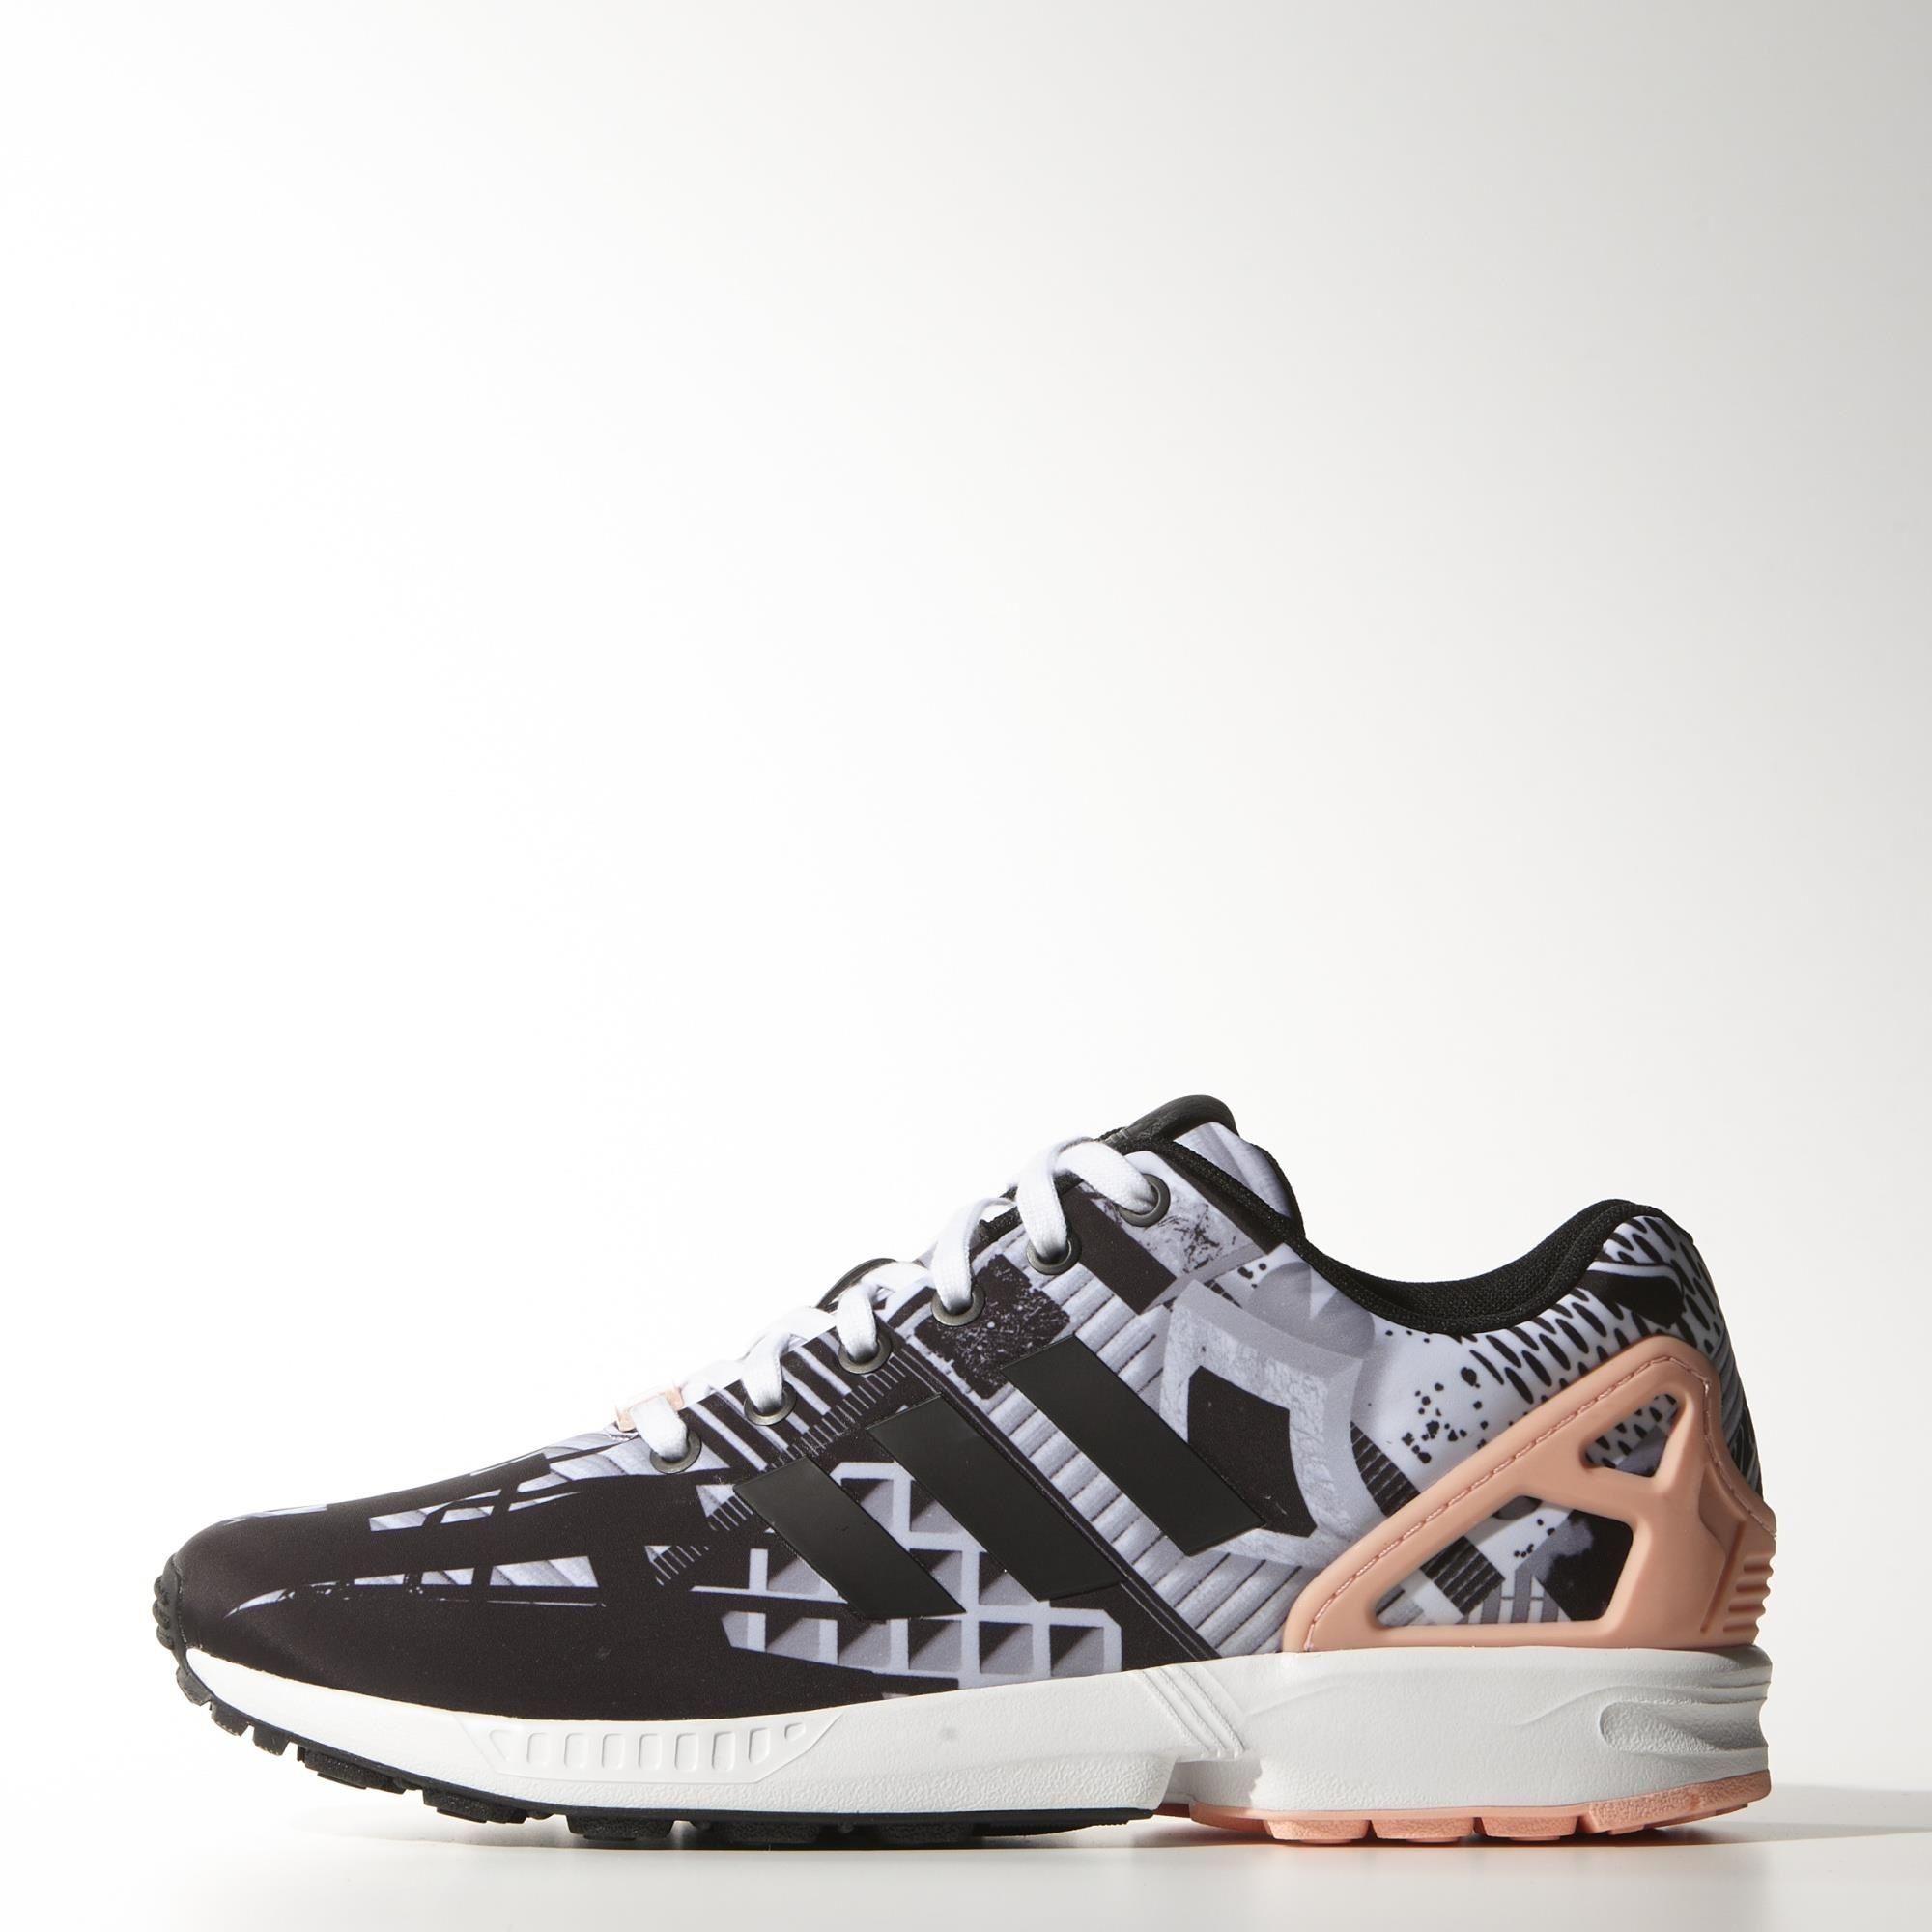 online store 0352a 7e2c4 adidas - ZX Flux Shoes